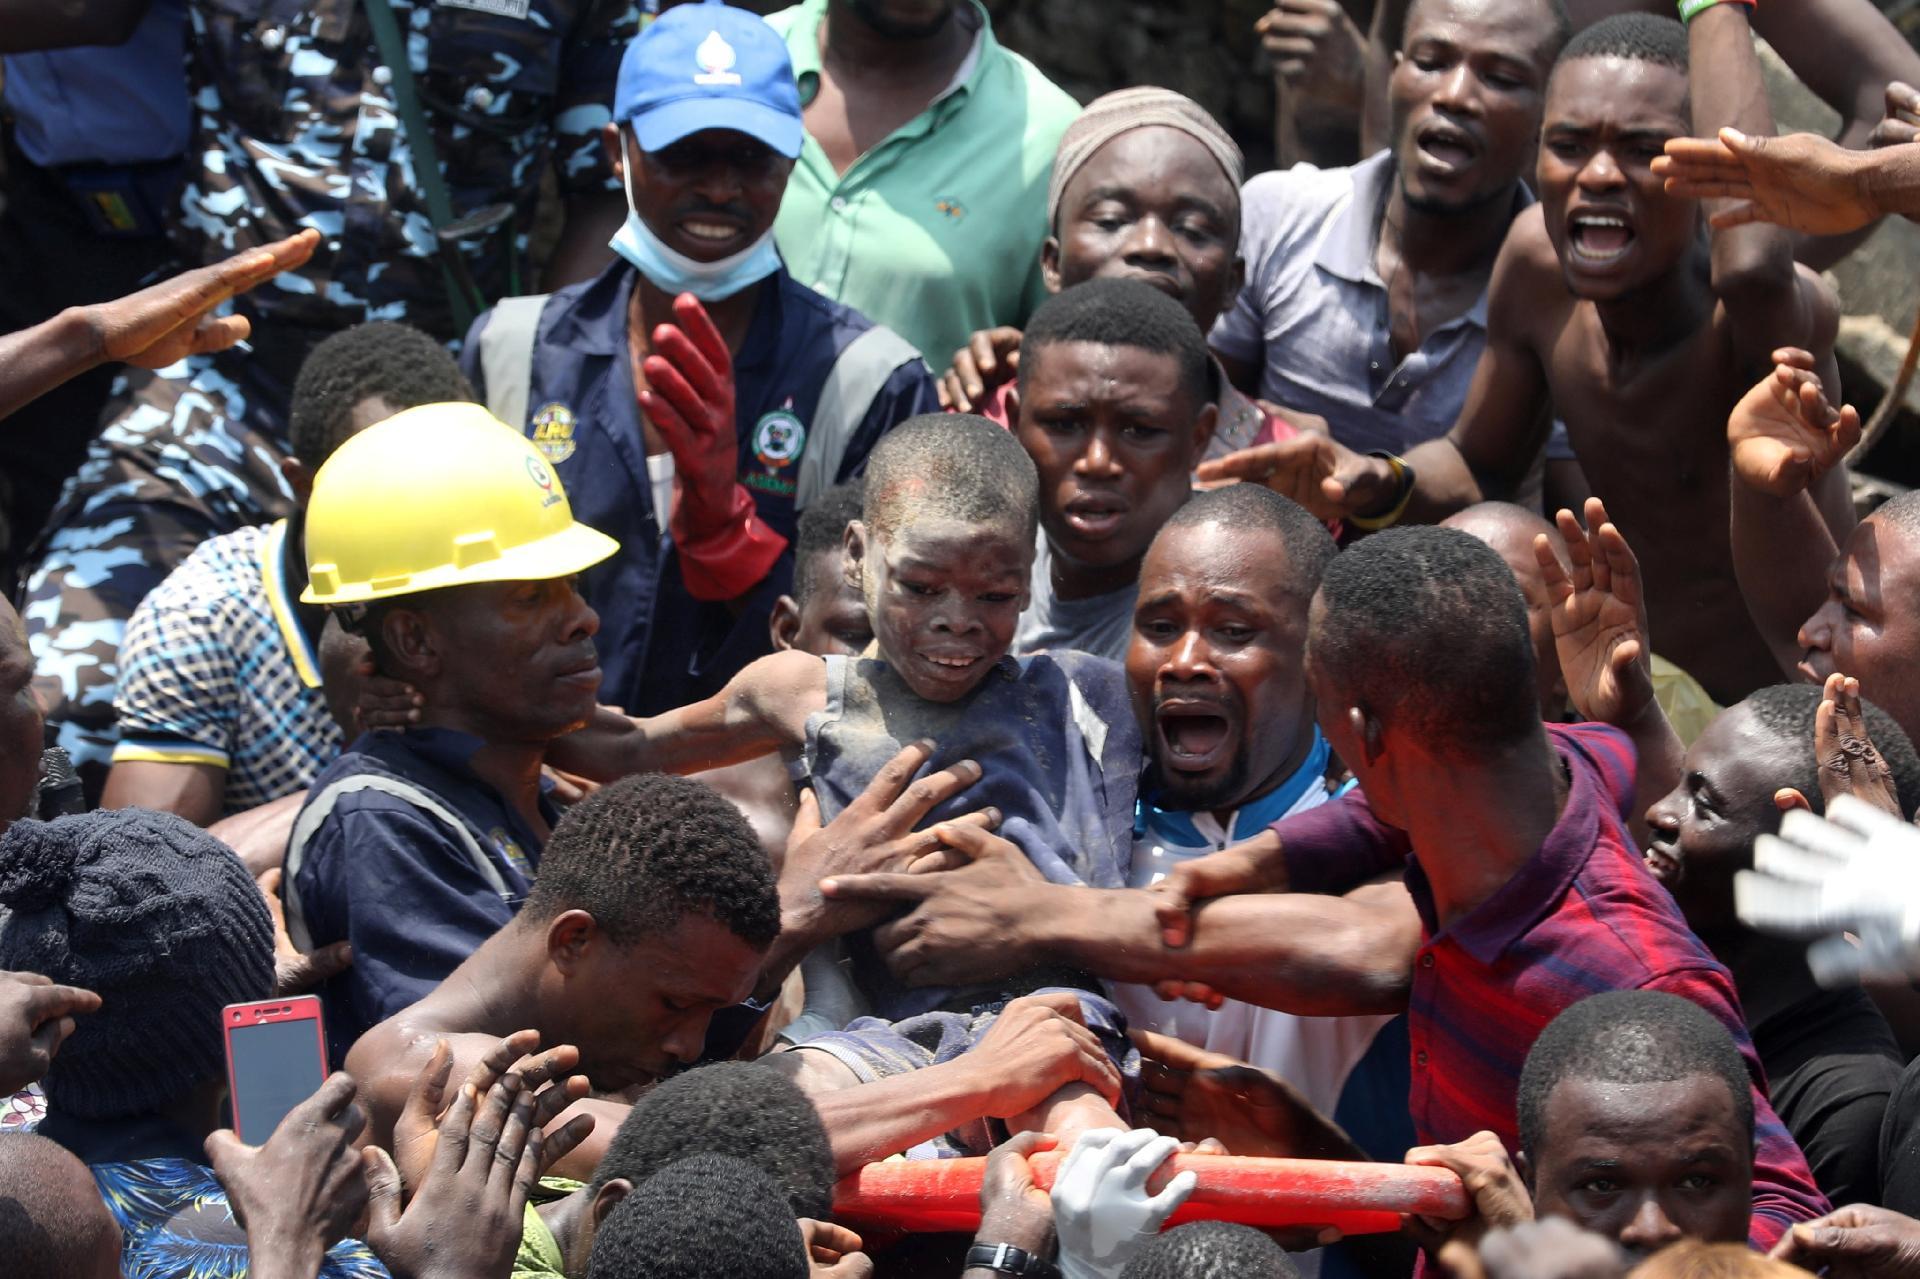 Resultado de imagem para Mais de 100 crianças ficam soterradas após desabamento de escola na Nigéria... - Veja mais em https://noticias.uol.com.br/internacional/ultimas-noticias/2019/03/13/mais-de-100-criancas-ficam-soterradas-apos-desabamento-de-escola-na-nigeria.htm?utm_source=facebook&utm_medium=social-media&utm_campaign=uol&utm_content=geral&cmpid=copiaecola